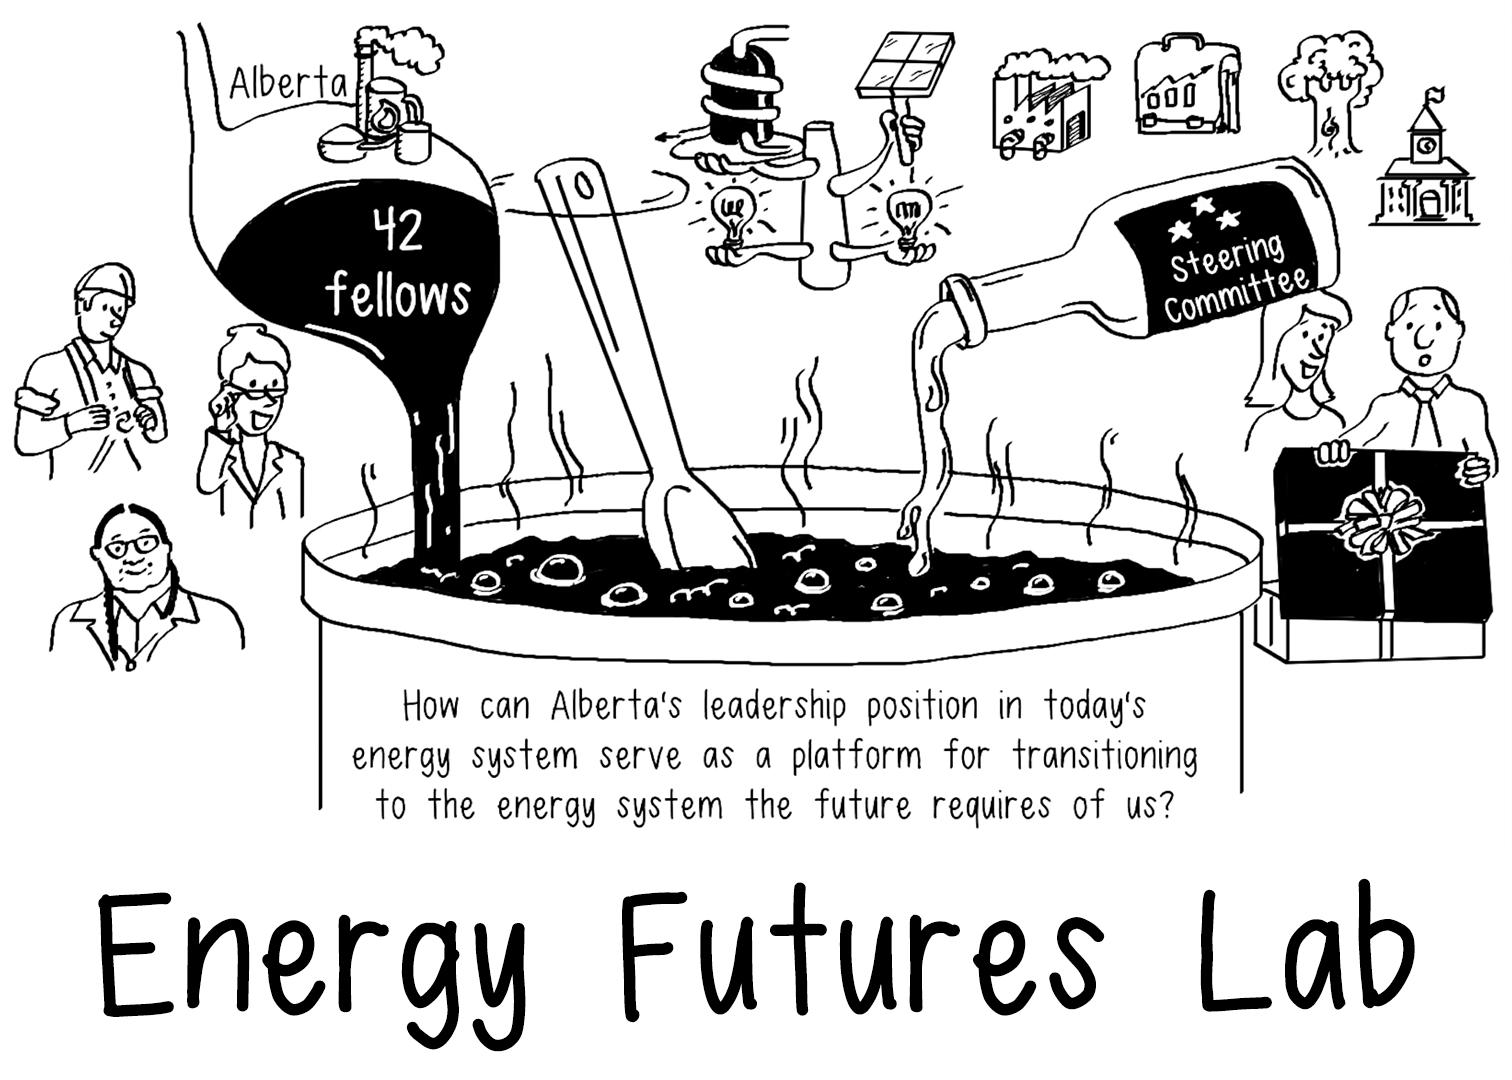 Energy Futures Lab (Alberta, Canada)